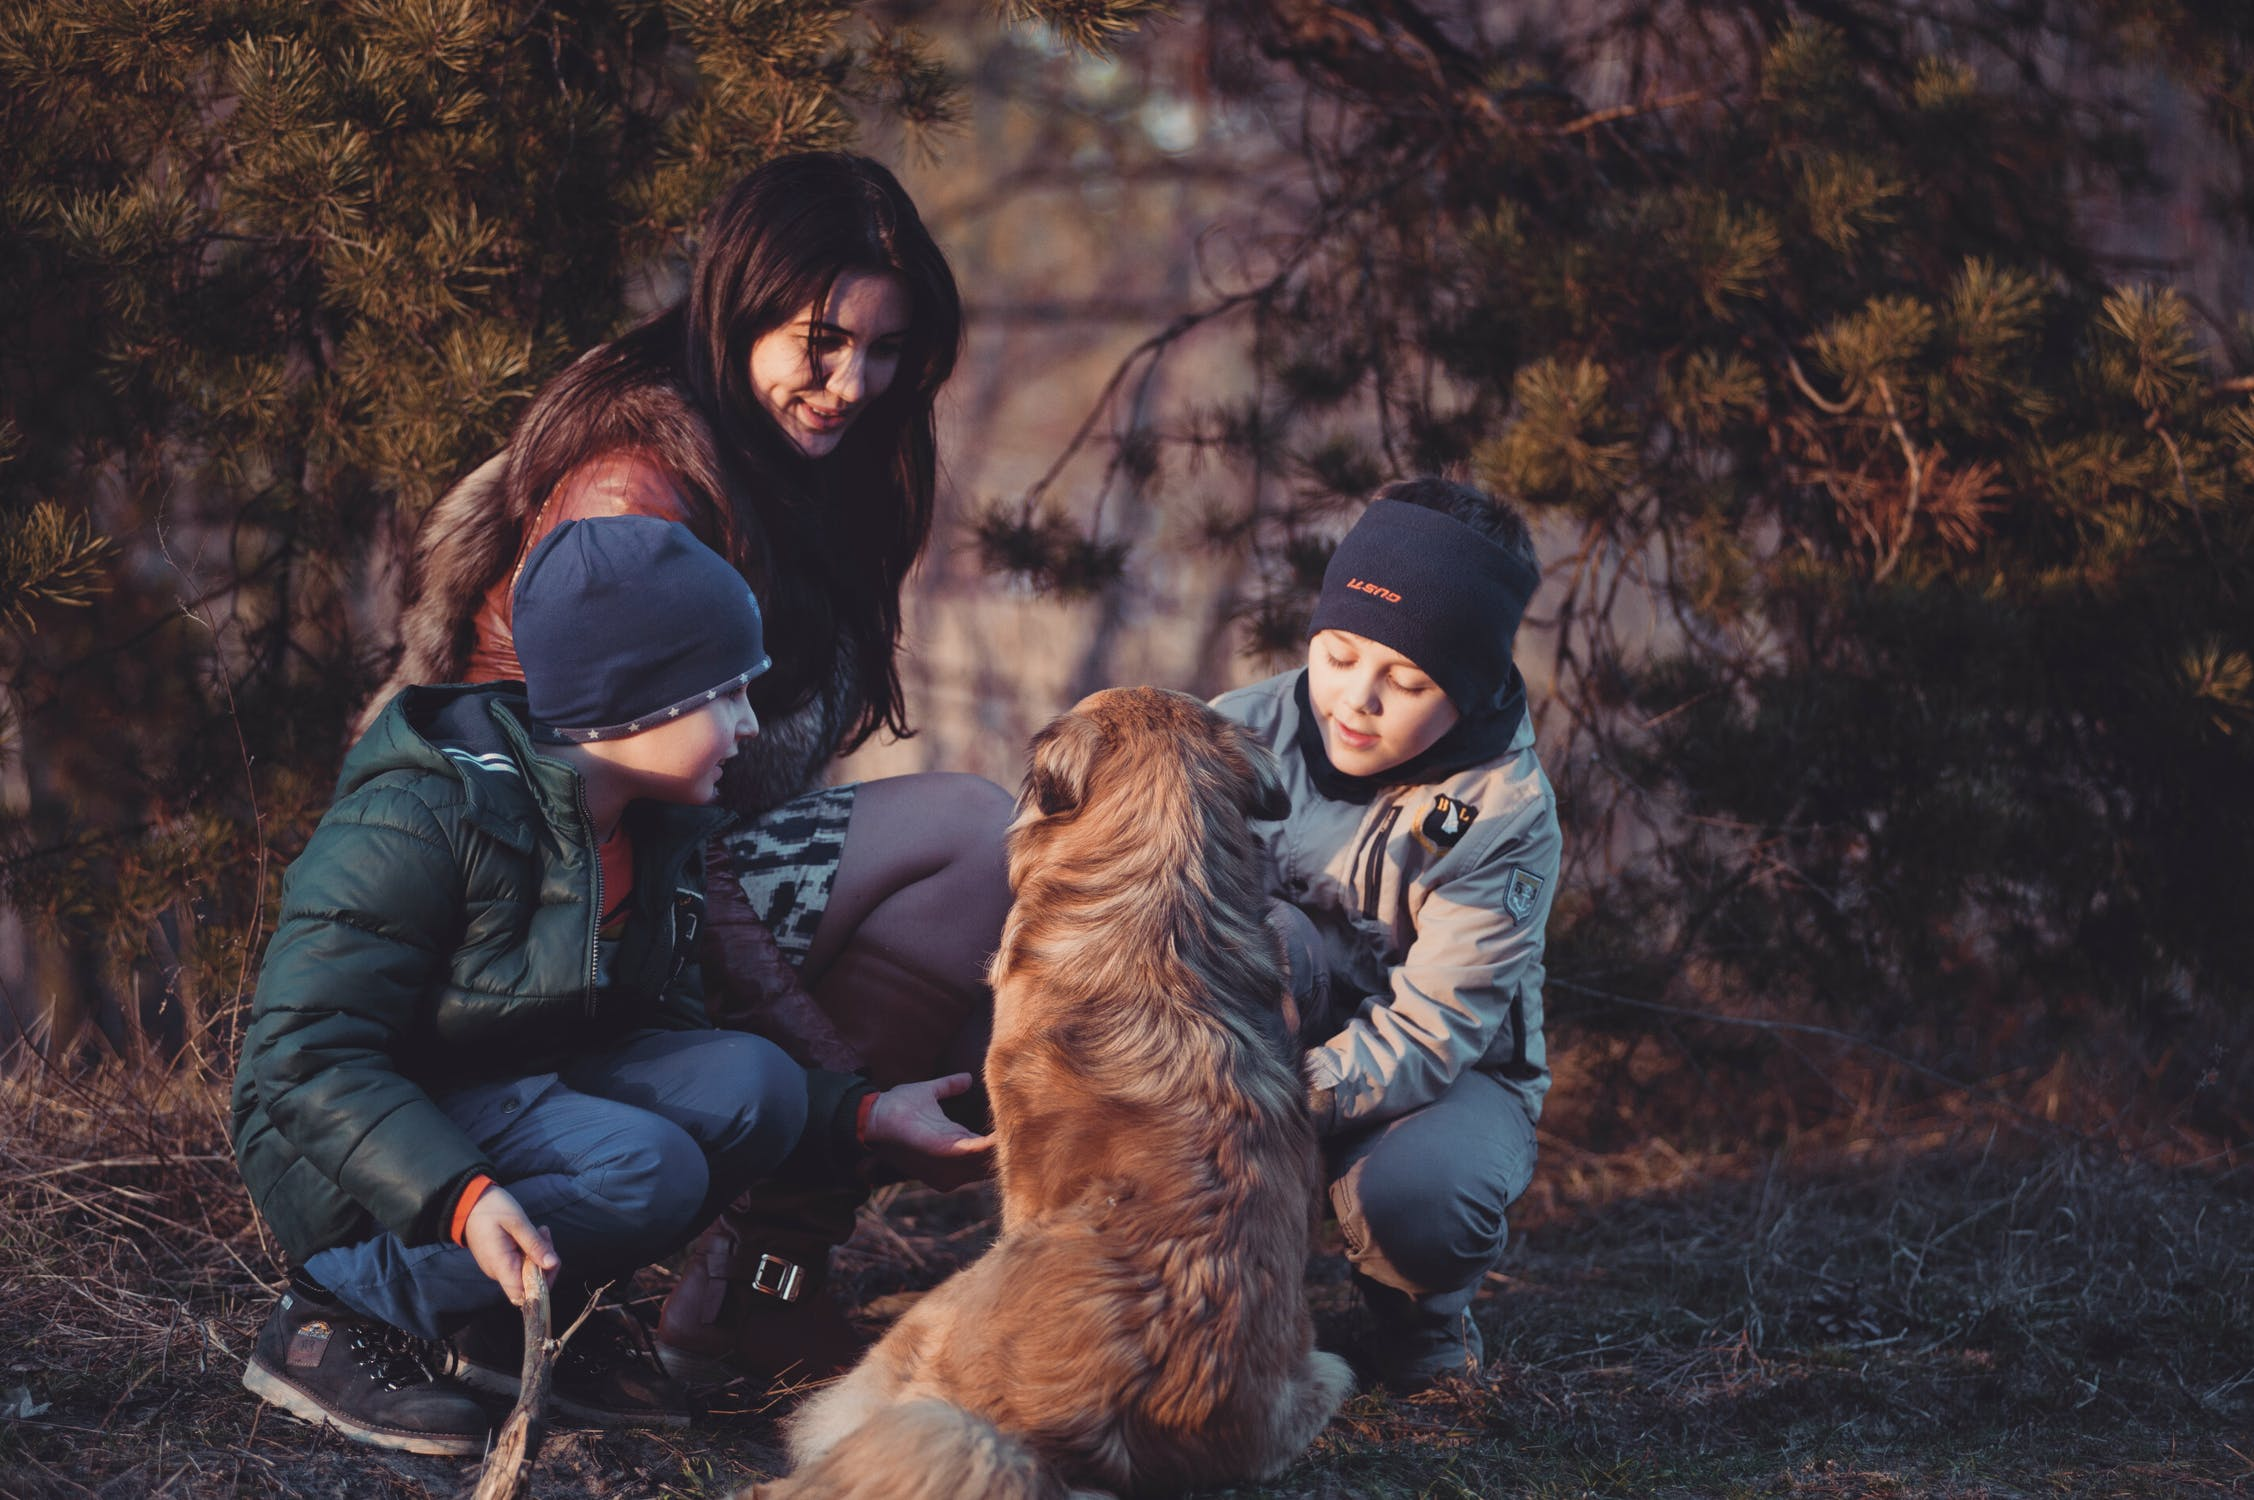 Kvalitným časom s deťmi môže byť aj prechádzka so psom, kedy sa rozprávate a vnímate naplno jeden druhého. / Zdroj: Pexels